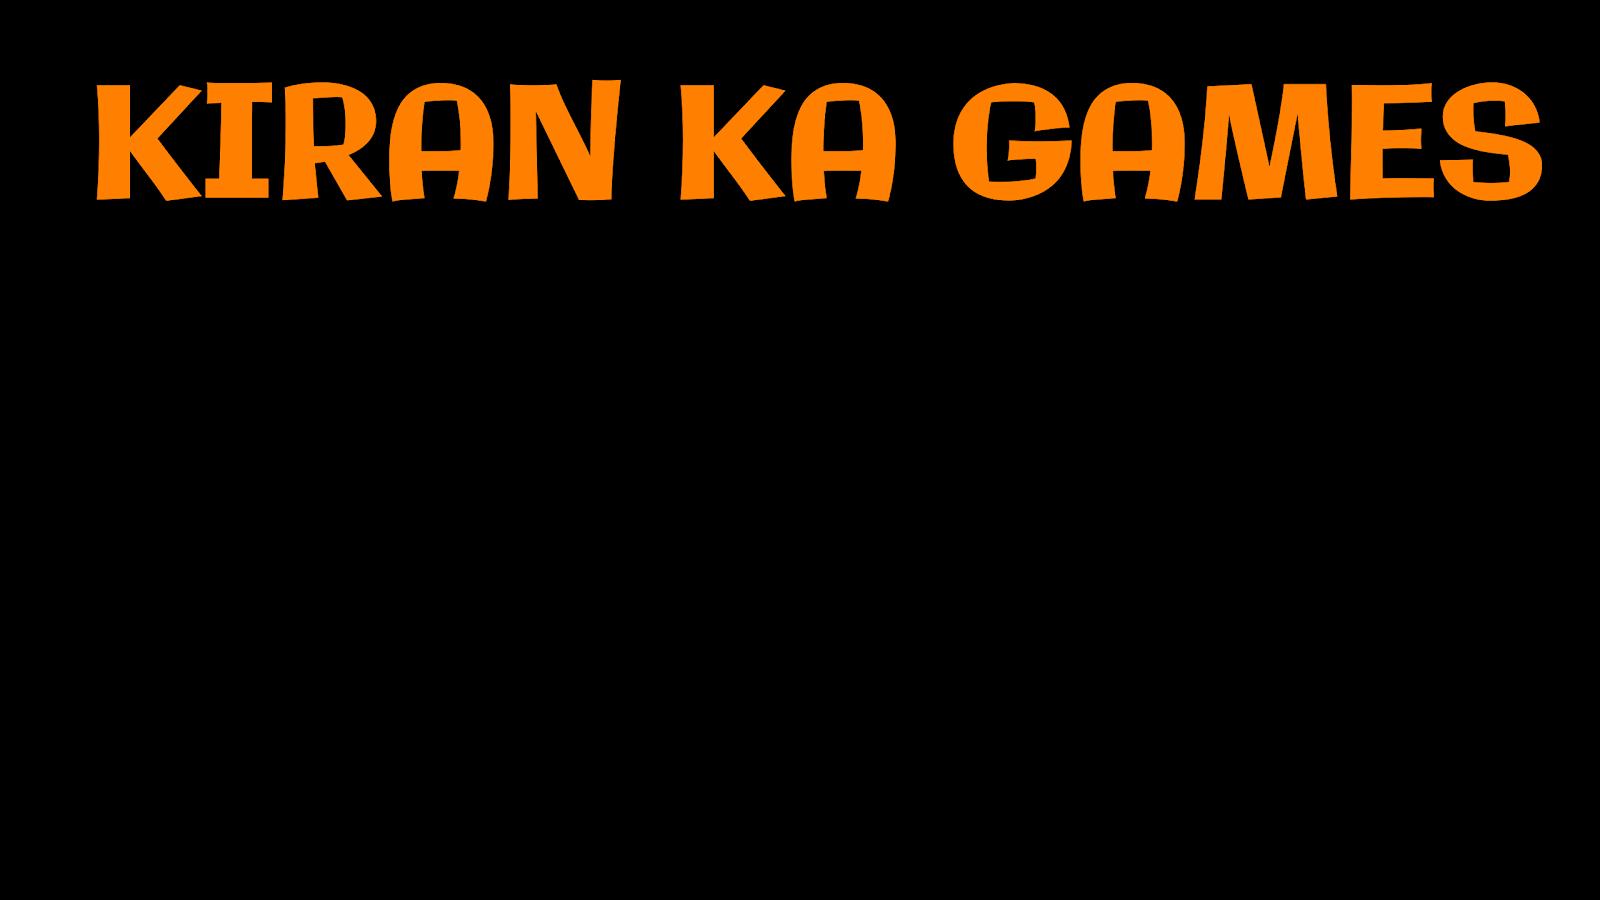 Kirankagames